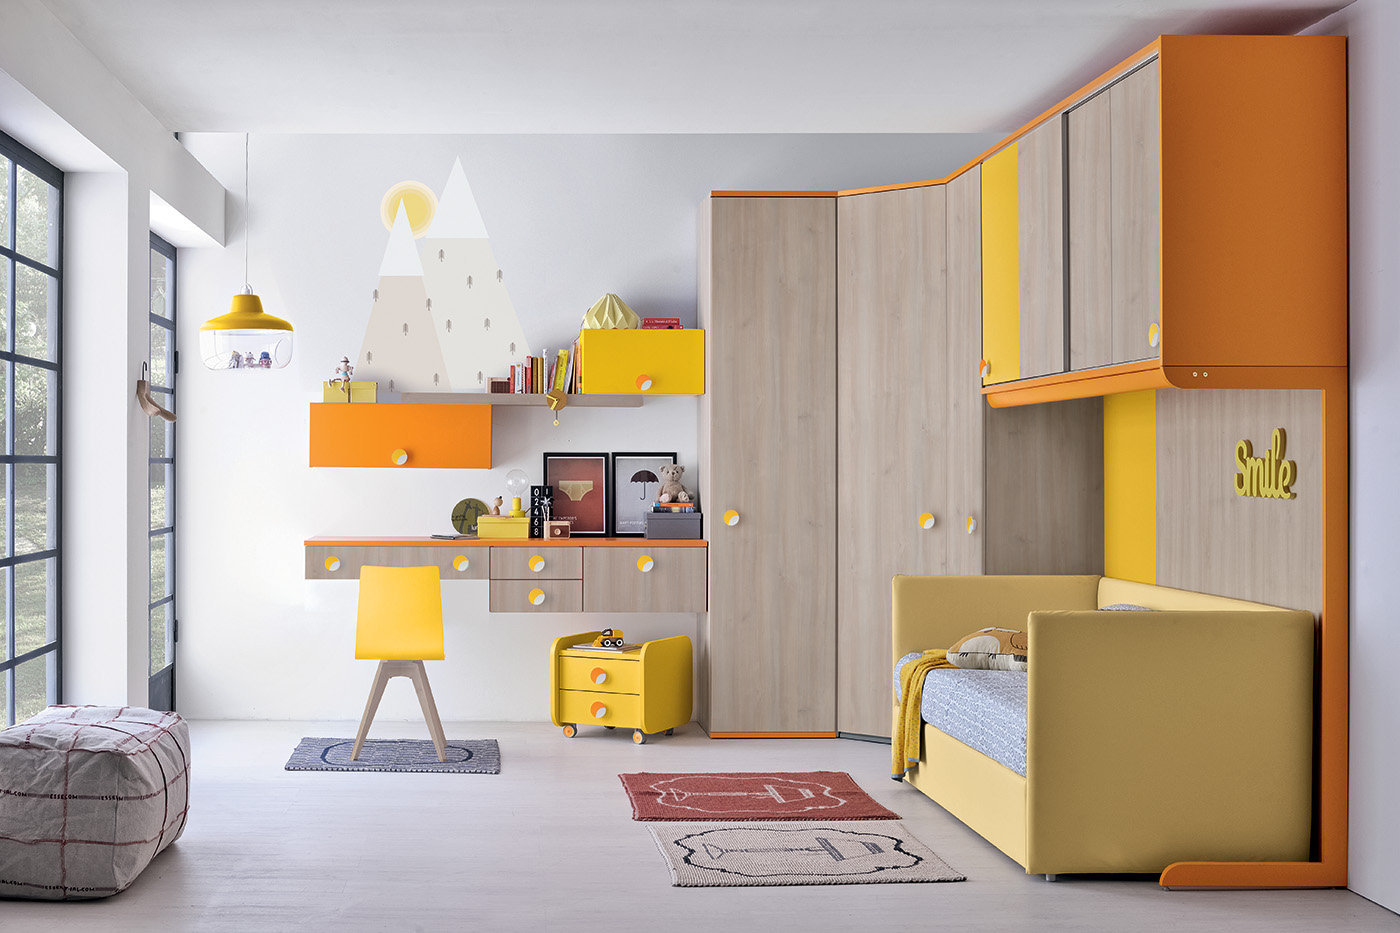 camerette ponte per bambini colombini mobili salvati